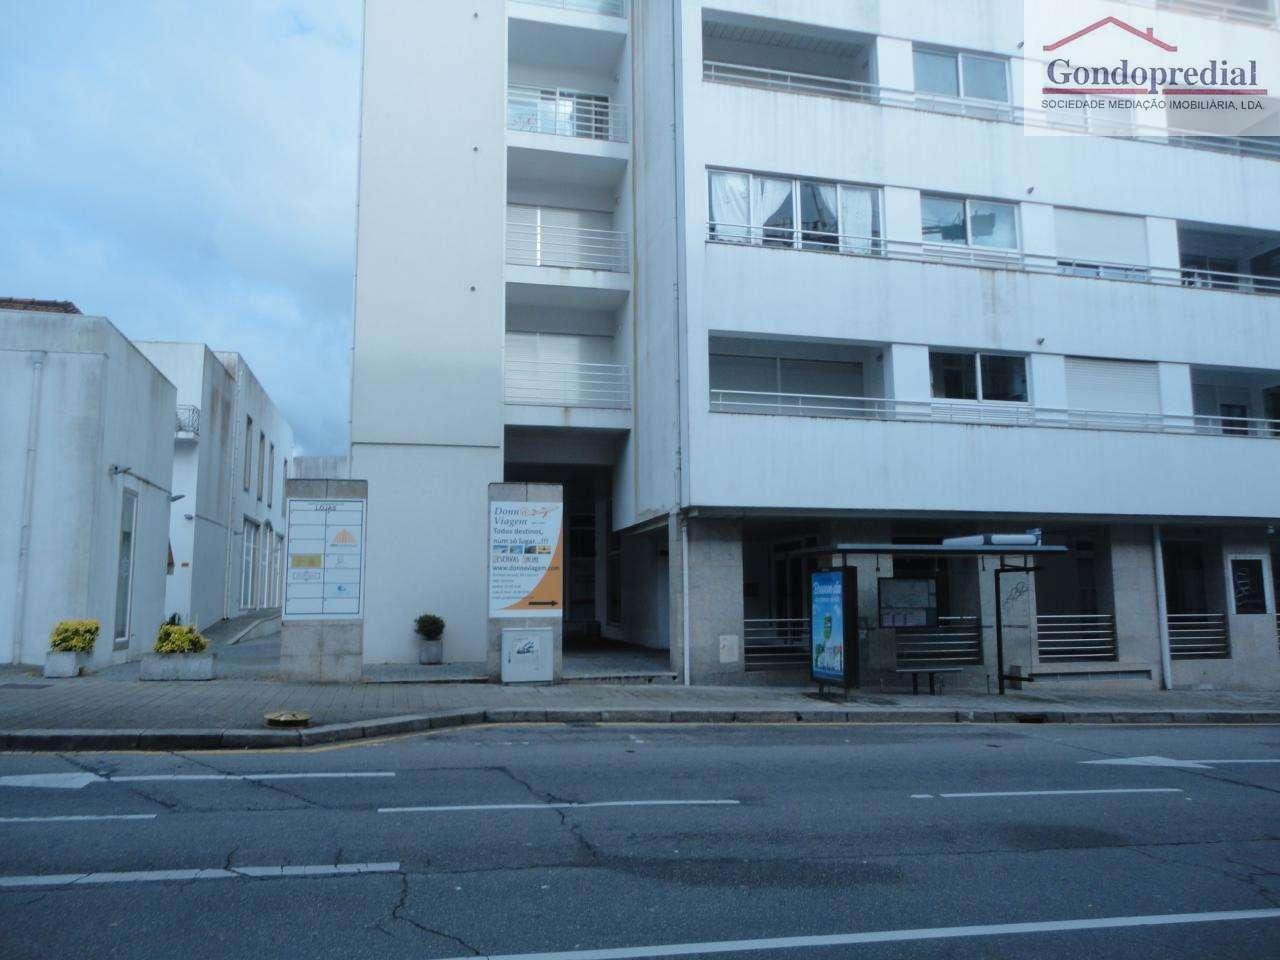 Loja para arrendar, Cedofeita, Santo Ildefonso, Sé, Miragaia, São Nicolau e Vitória, Porto - Foto 3